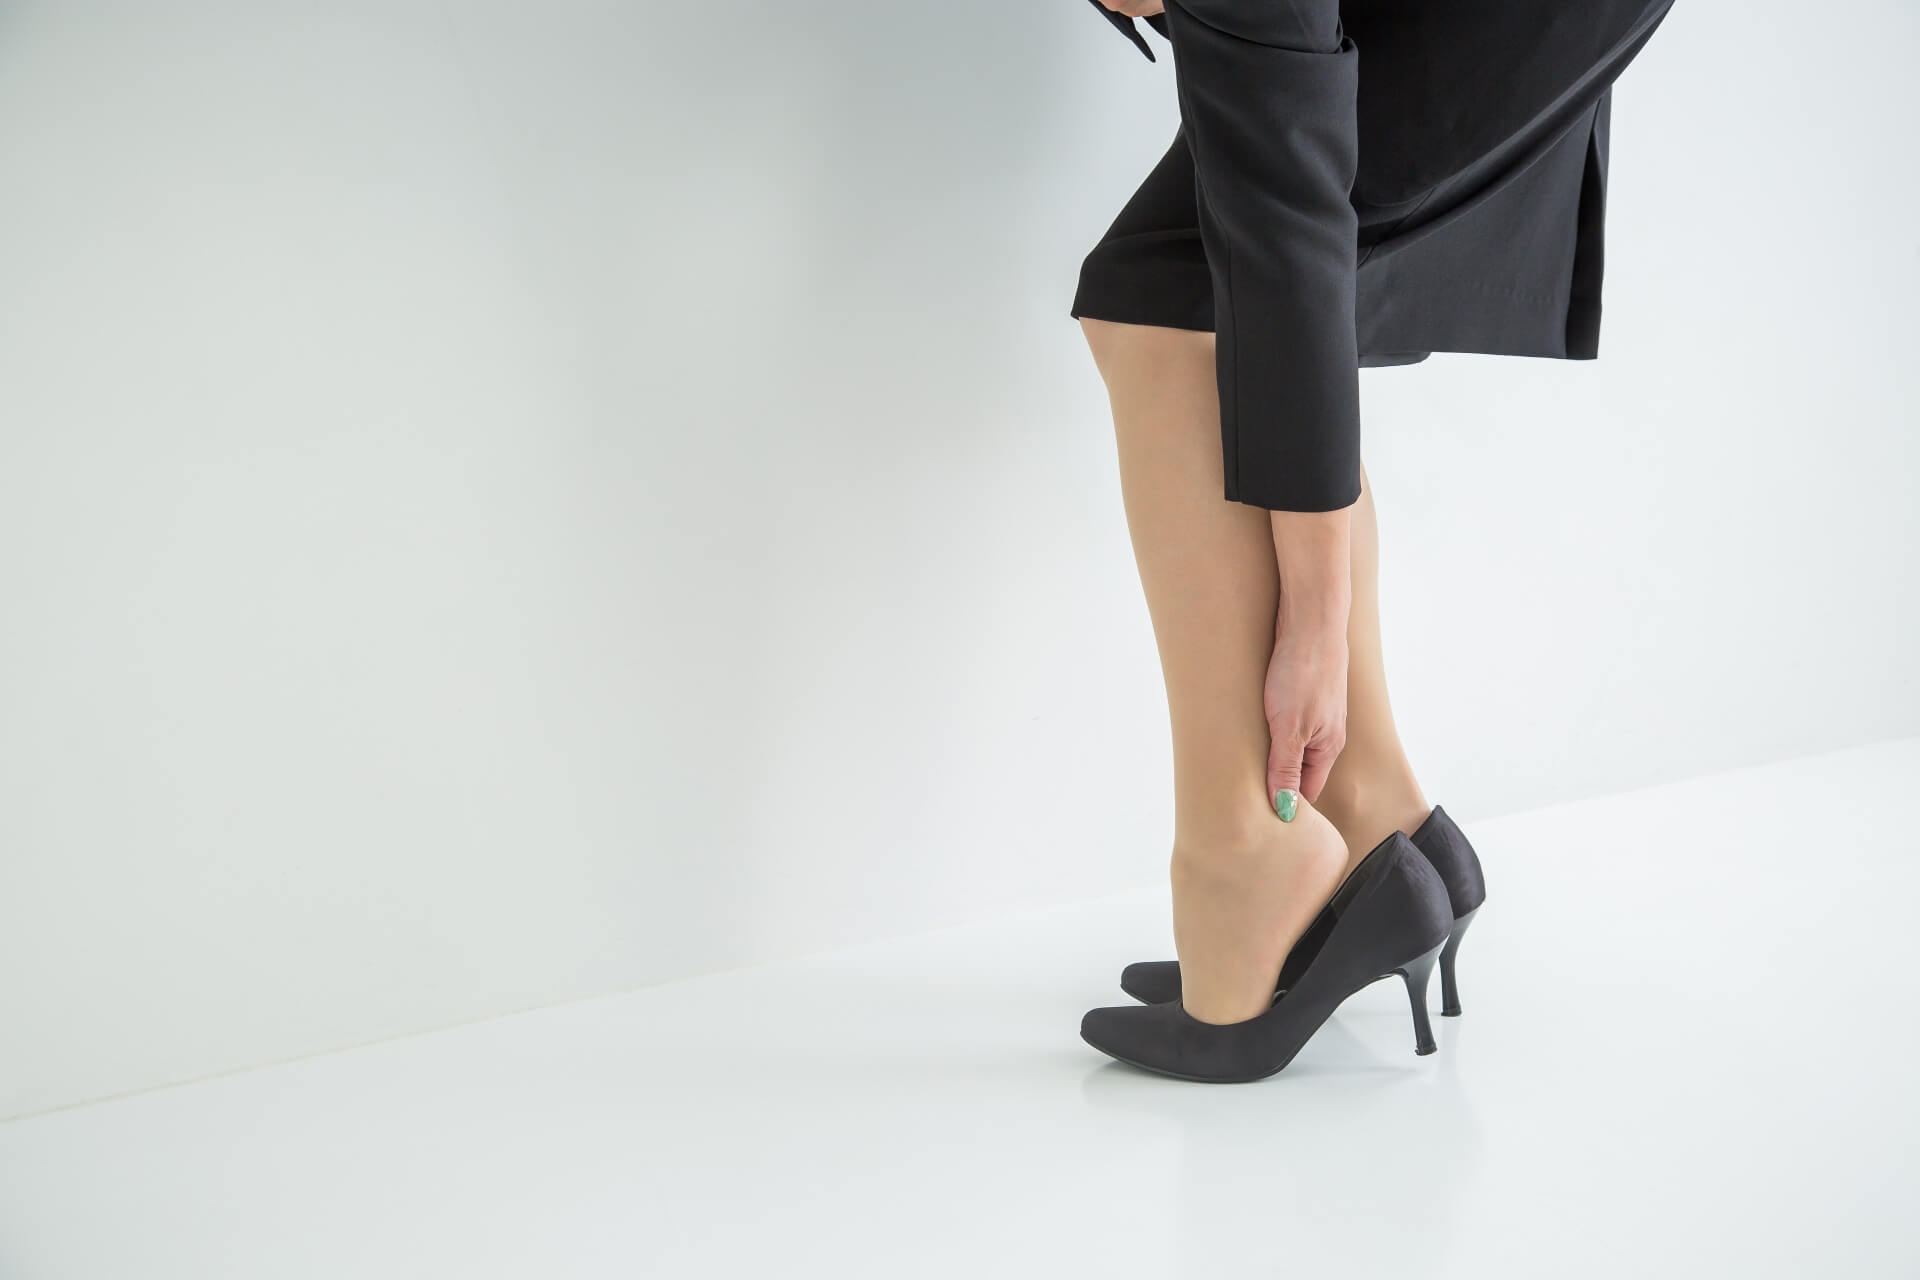 靴が合わなくて足が痛い